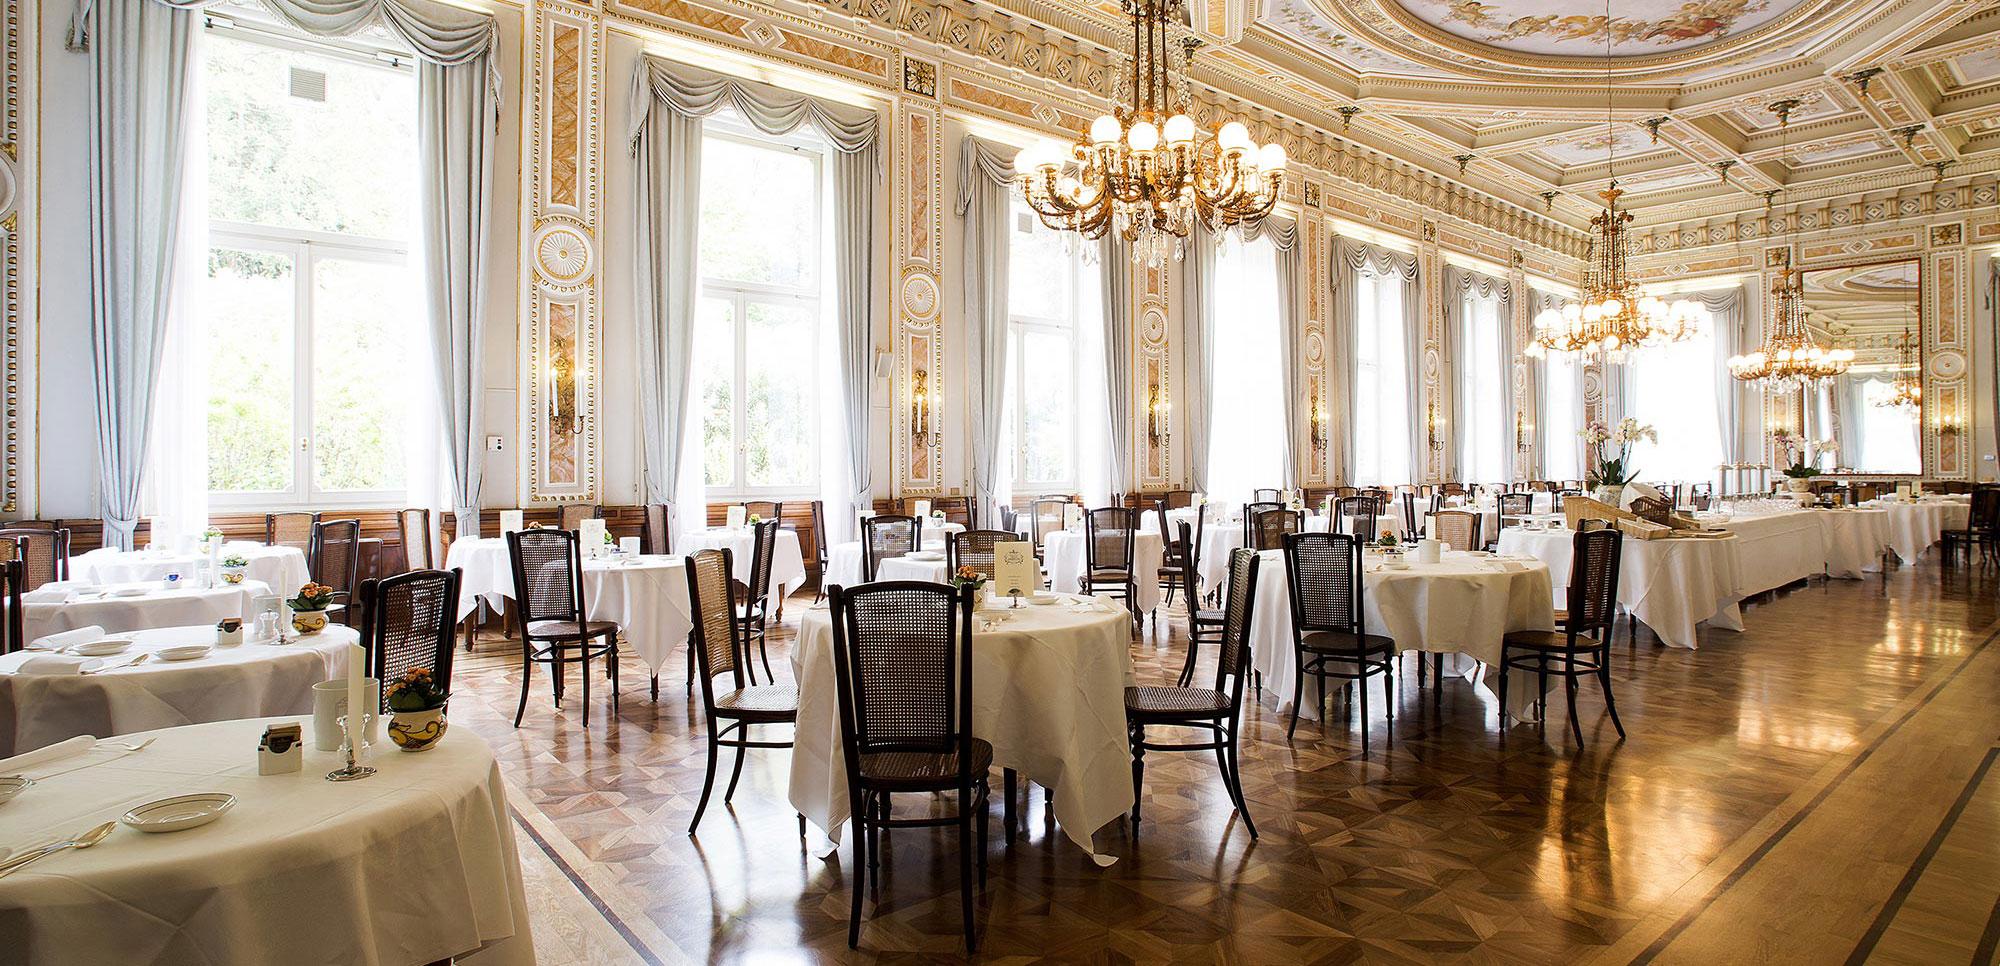 Grand Hotel Villa Serbelloni Home